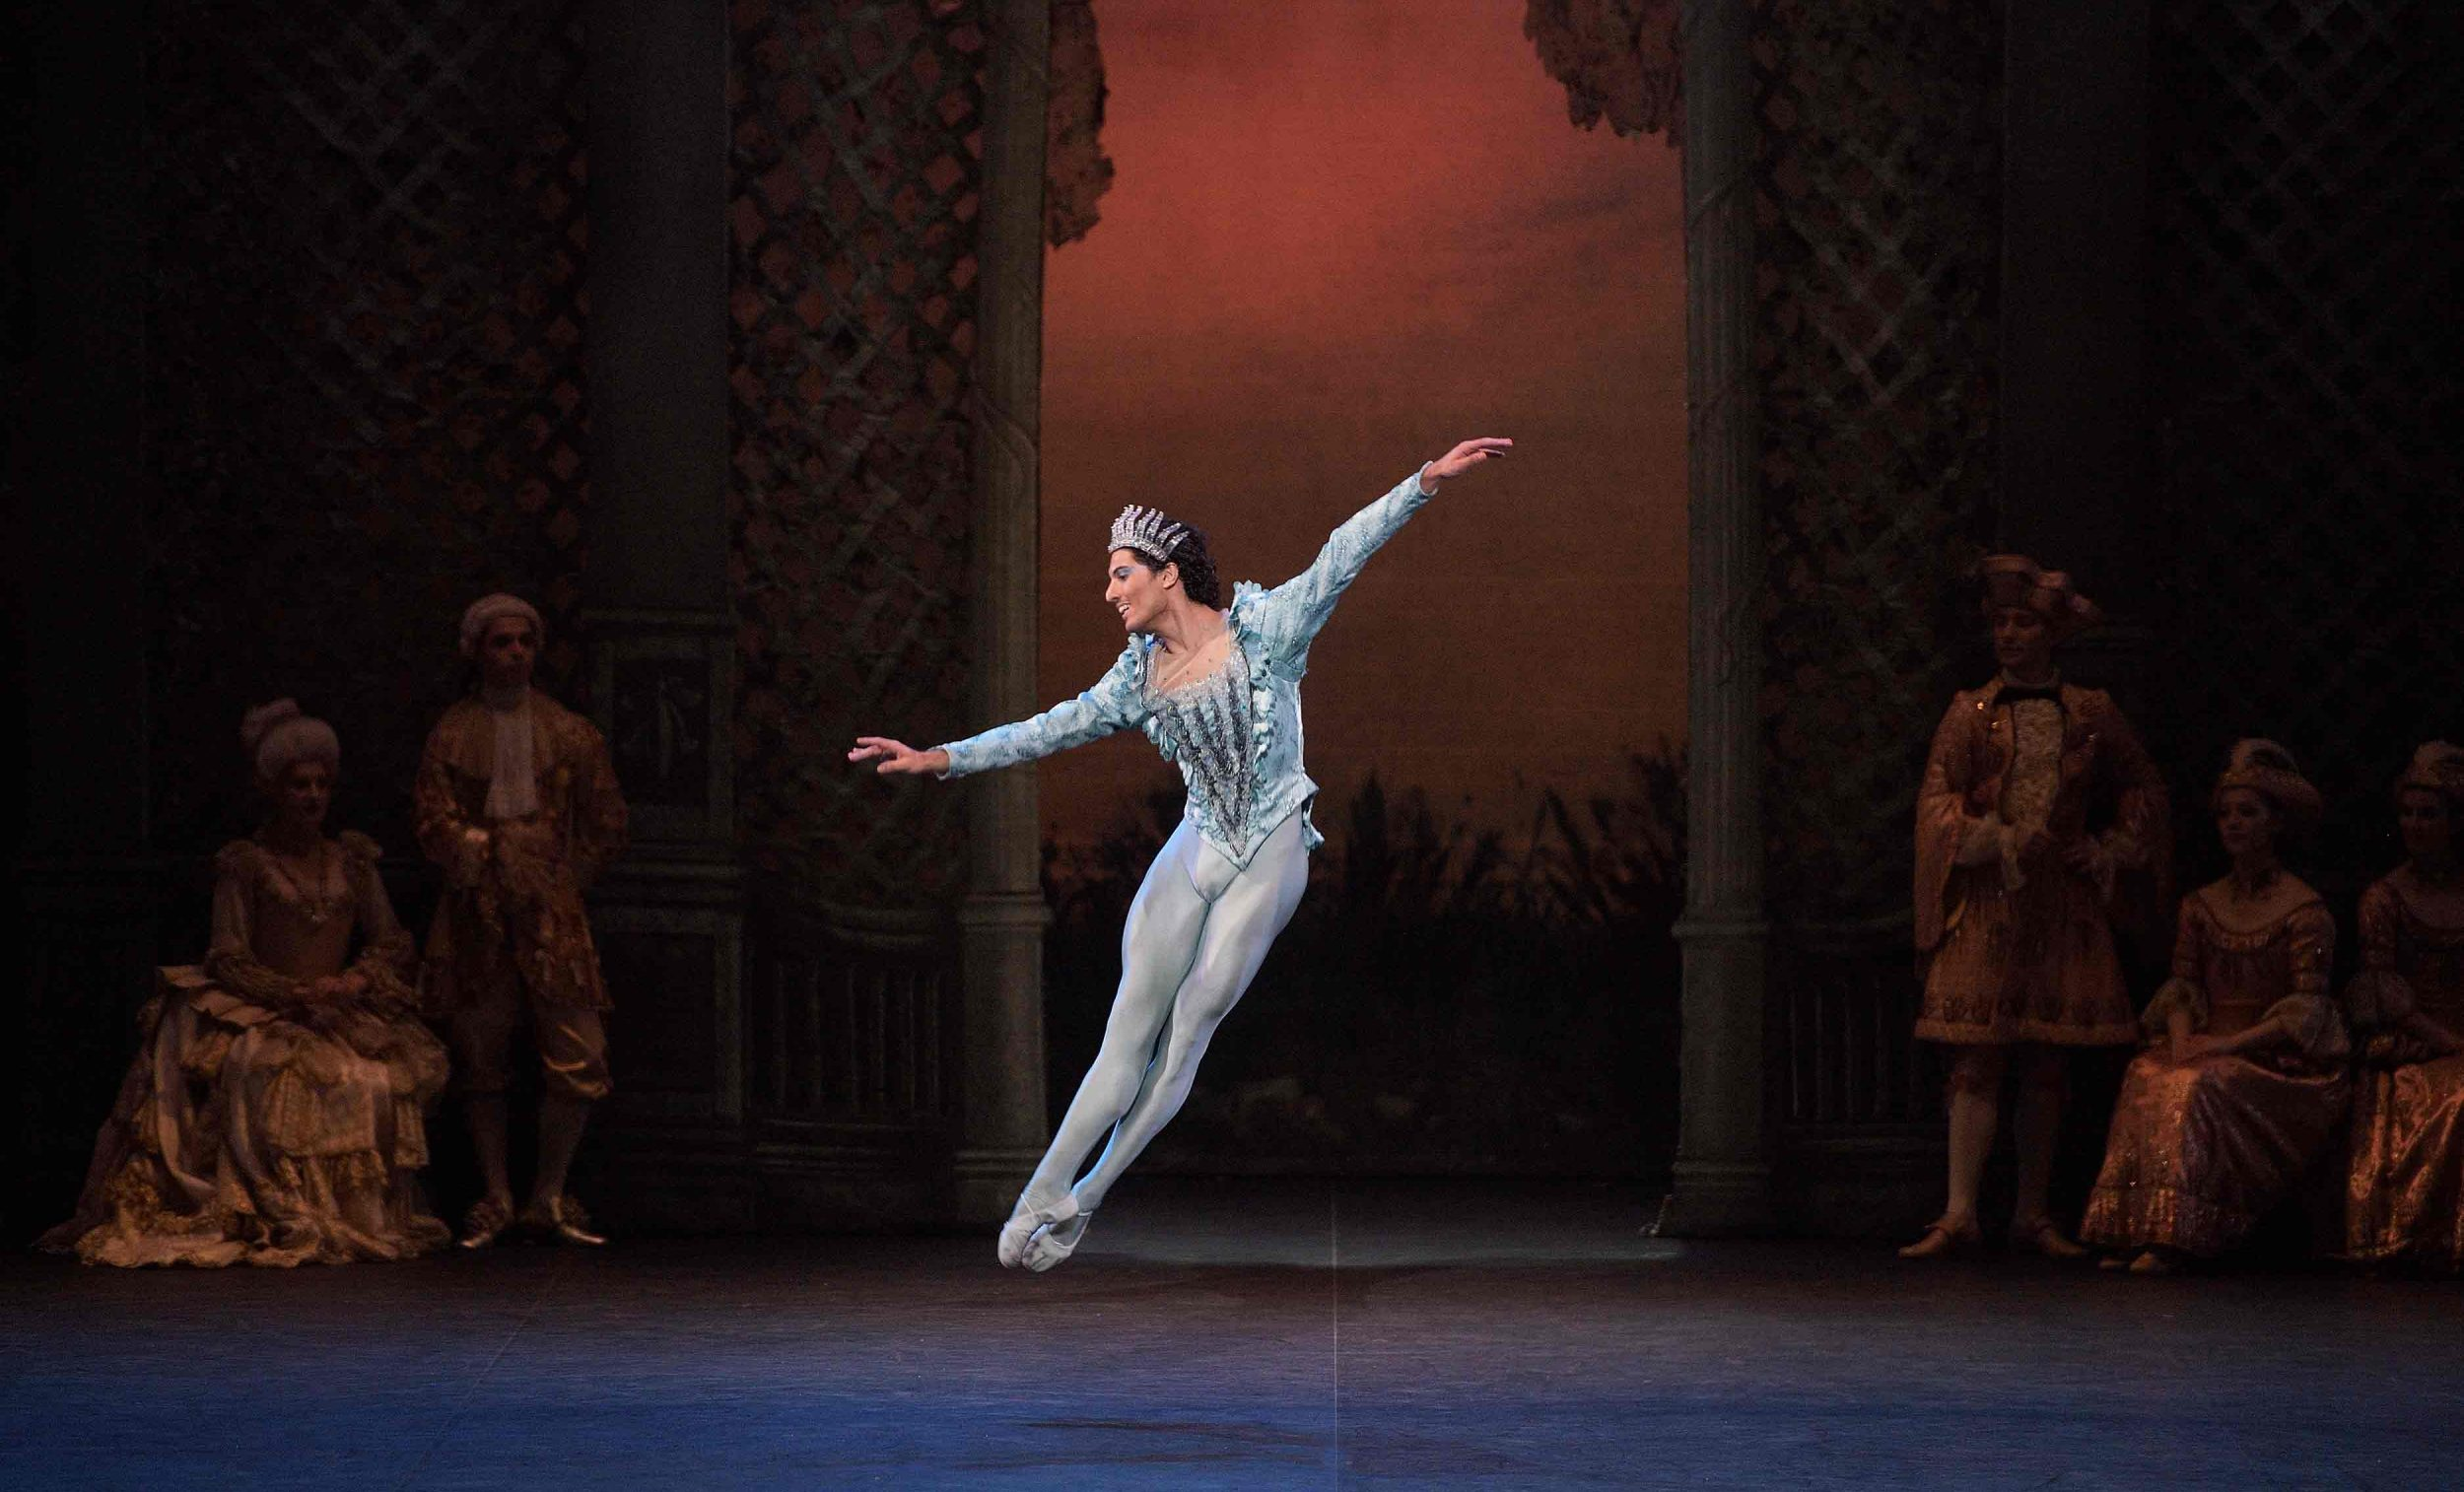 Fernando-Carratalá-Coloma-as-the-Bluebird-in-The-Sleeping-Beauty-©-Laurent-Liotardo_WEB